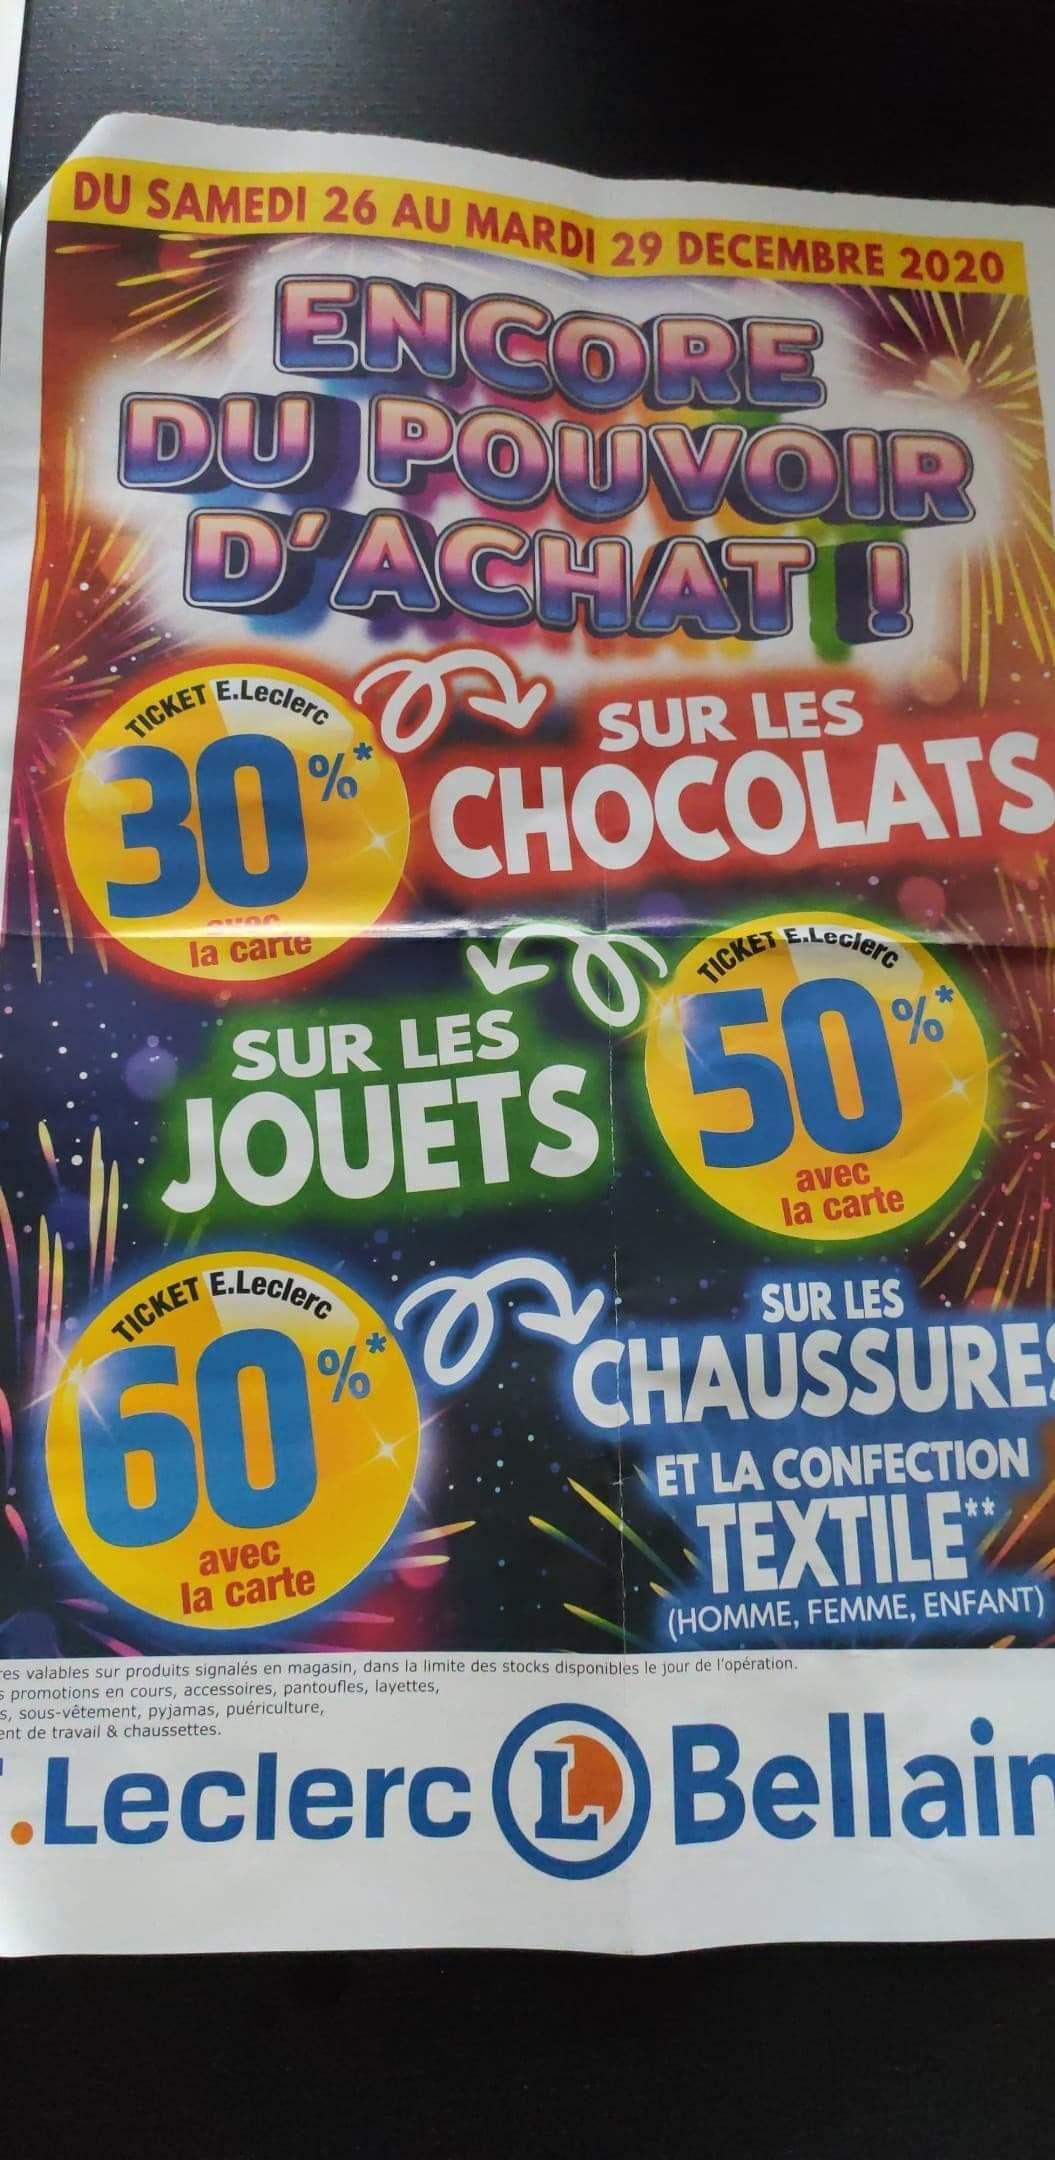 50% offerts en tickets Leclerc sur les jouets et 60% sur le textile - Bellaing (59)